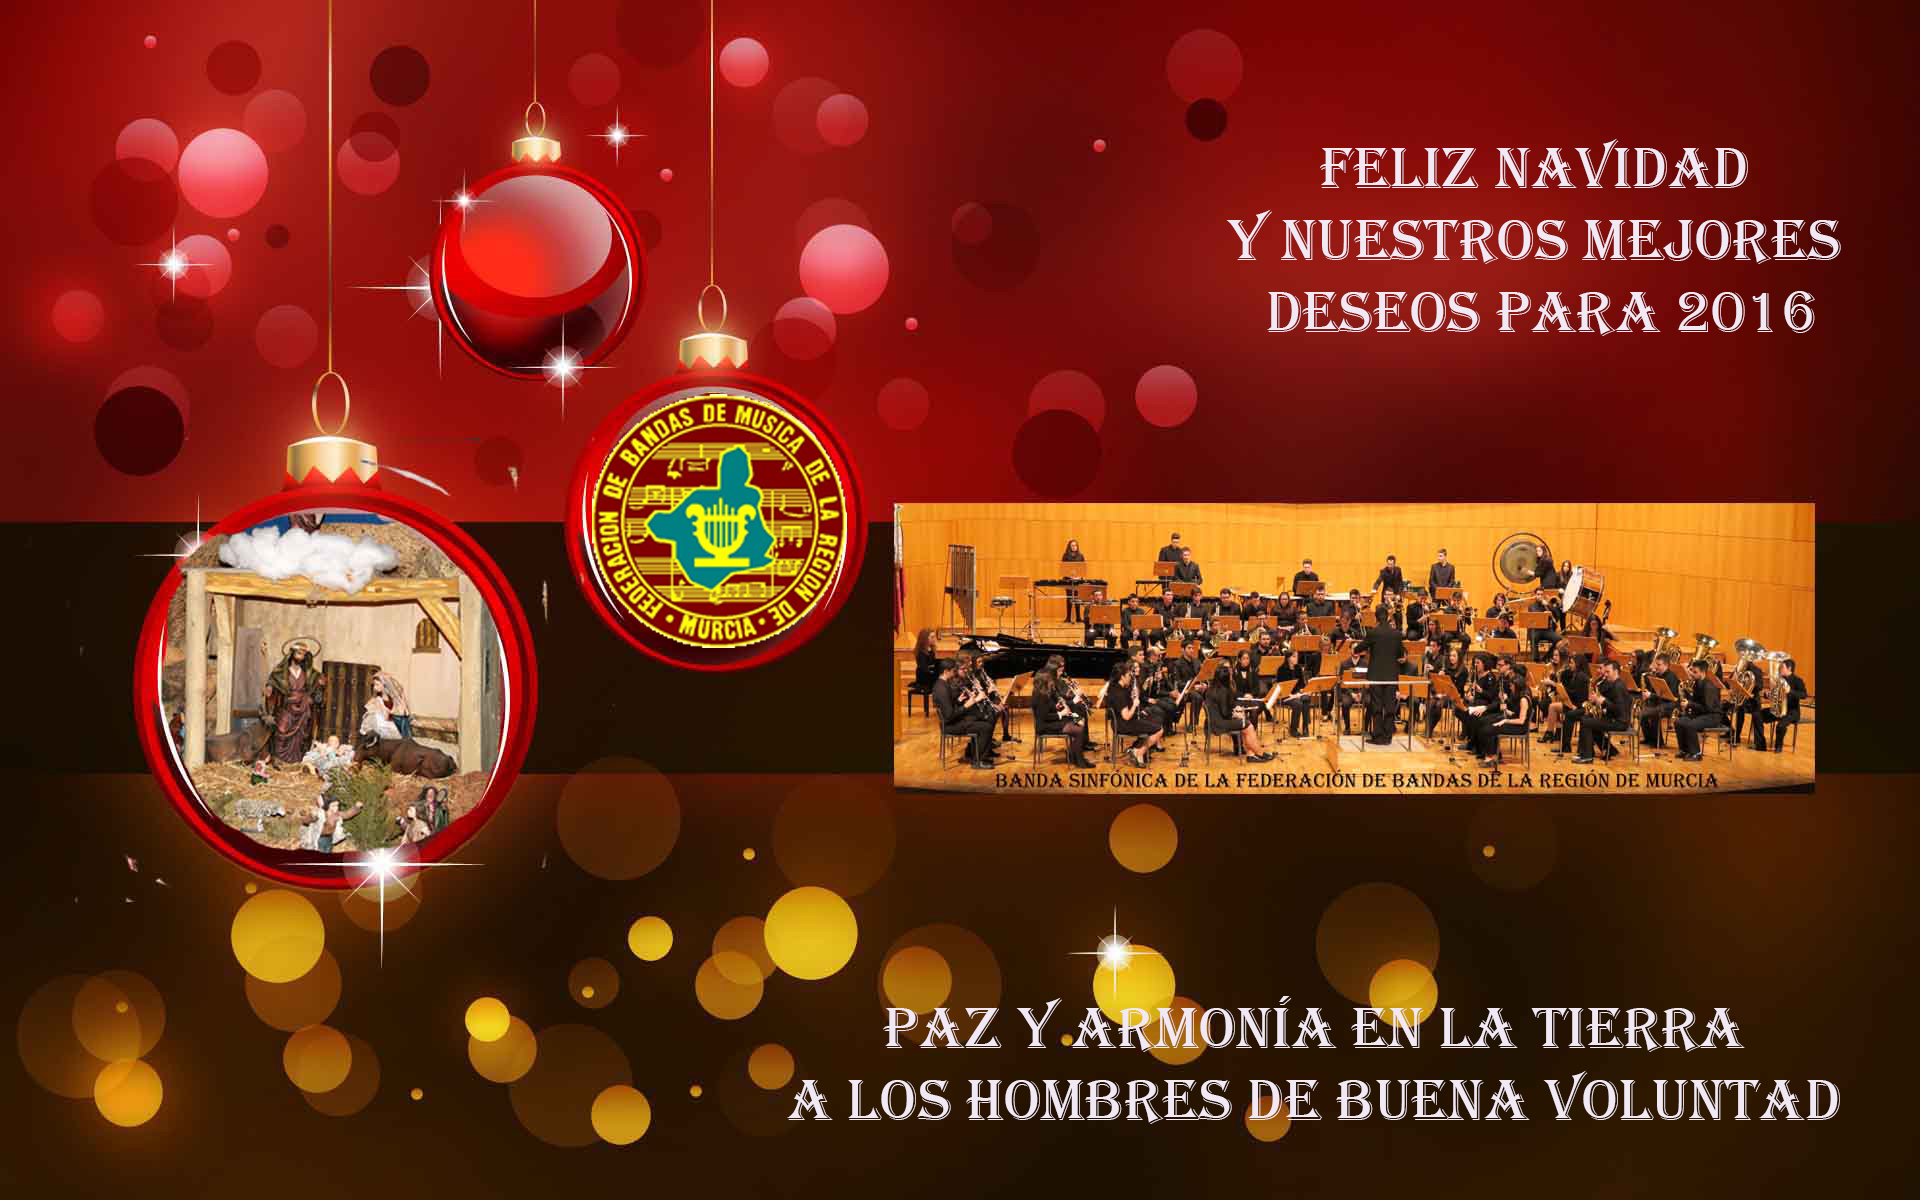 feliz navidad federación bandas